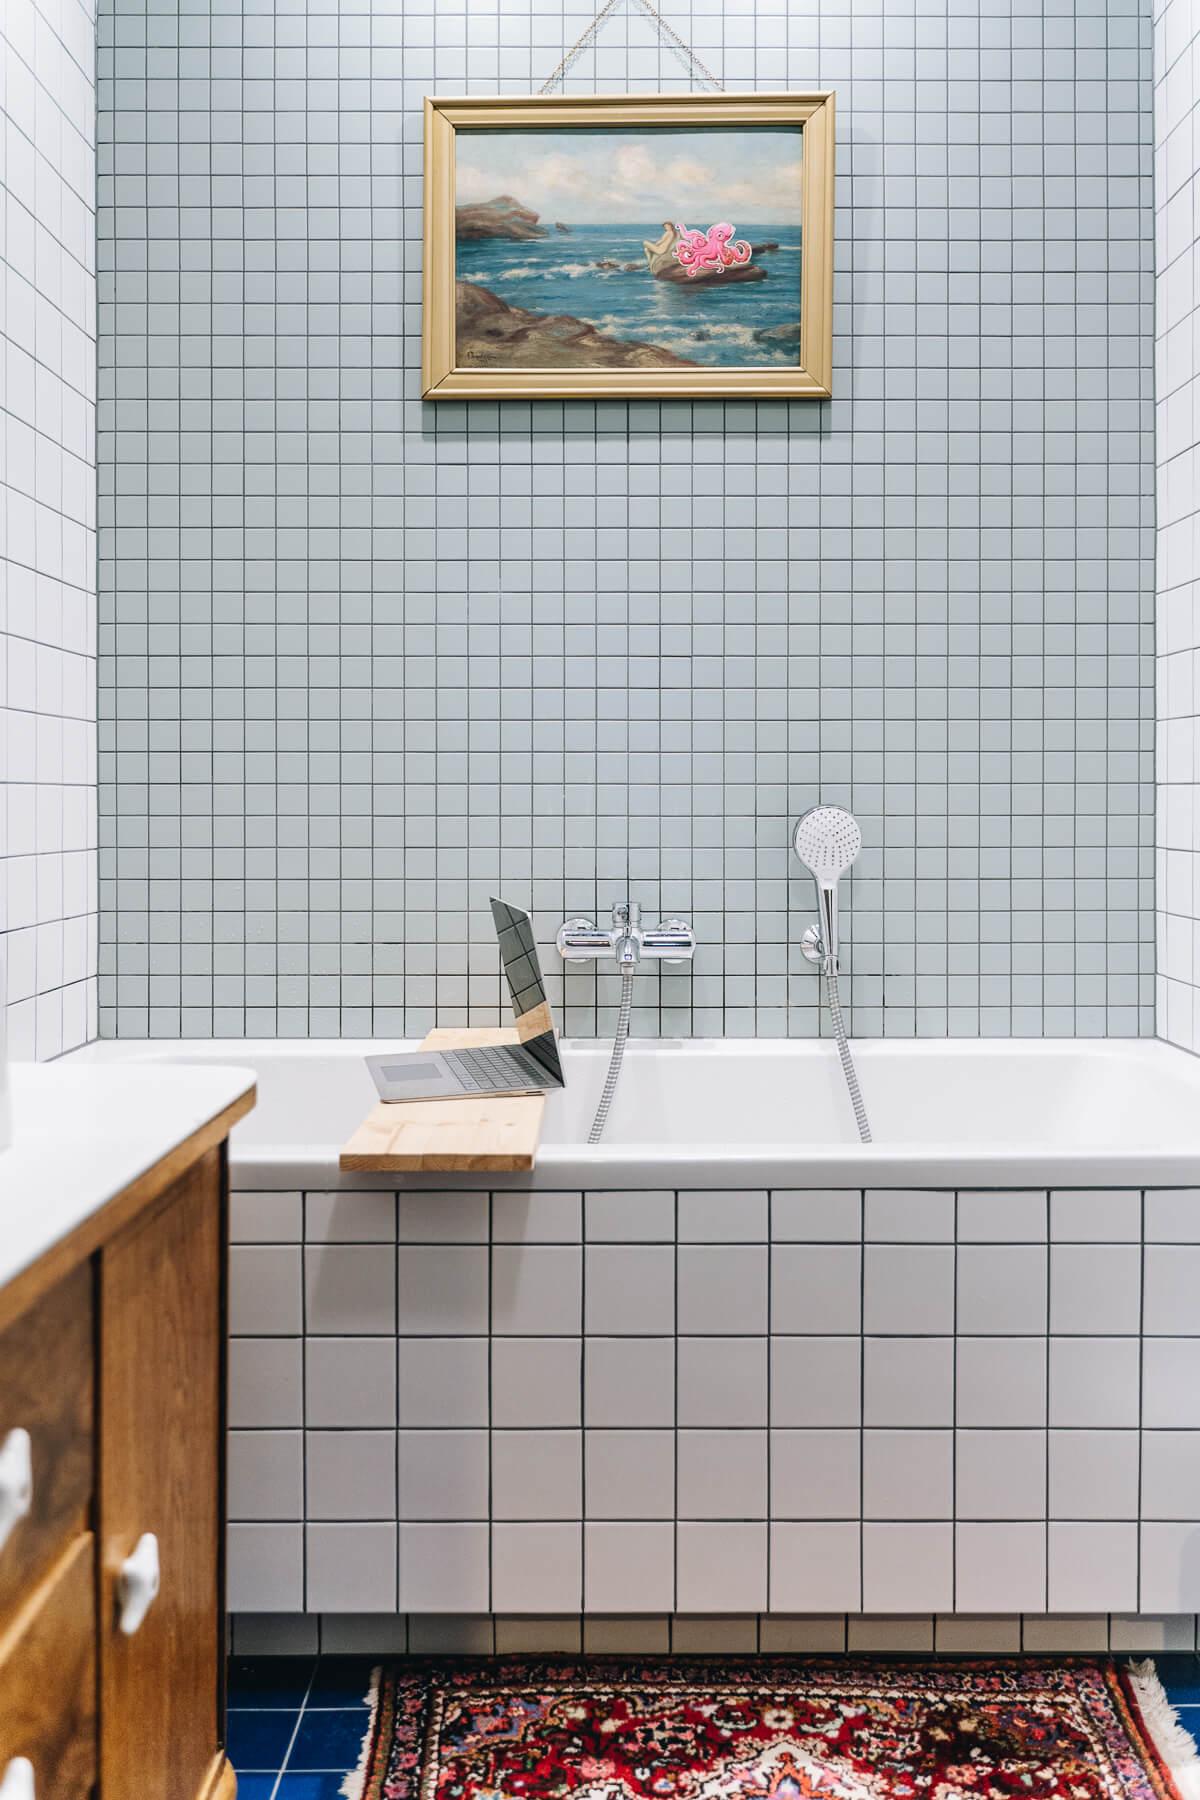 obraz w łazience